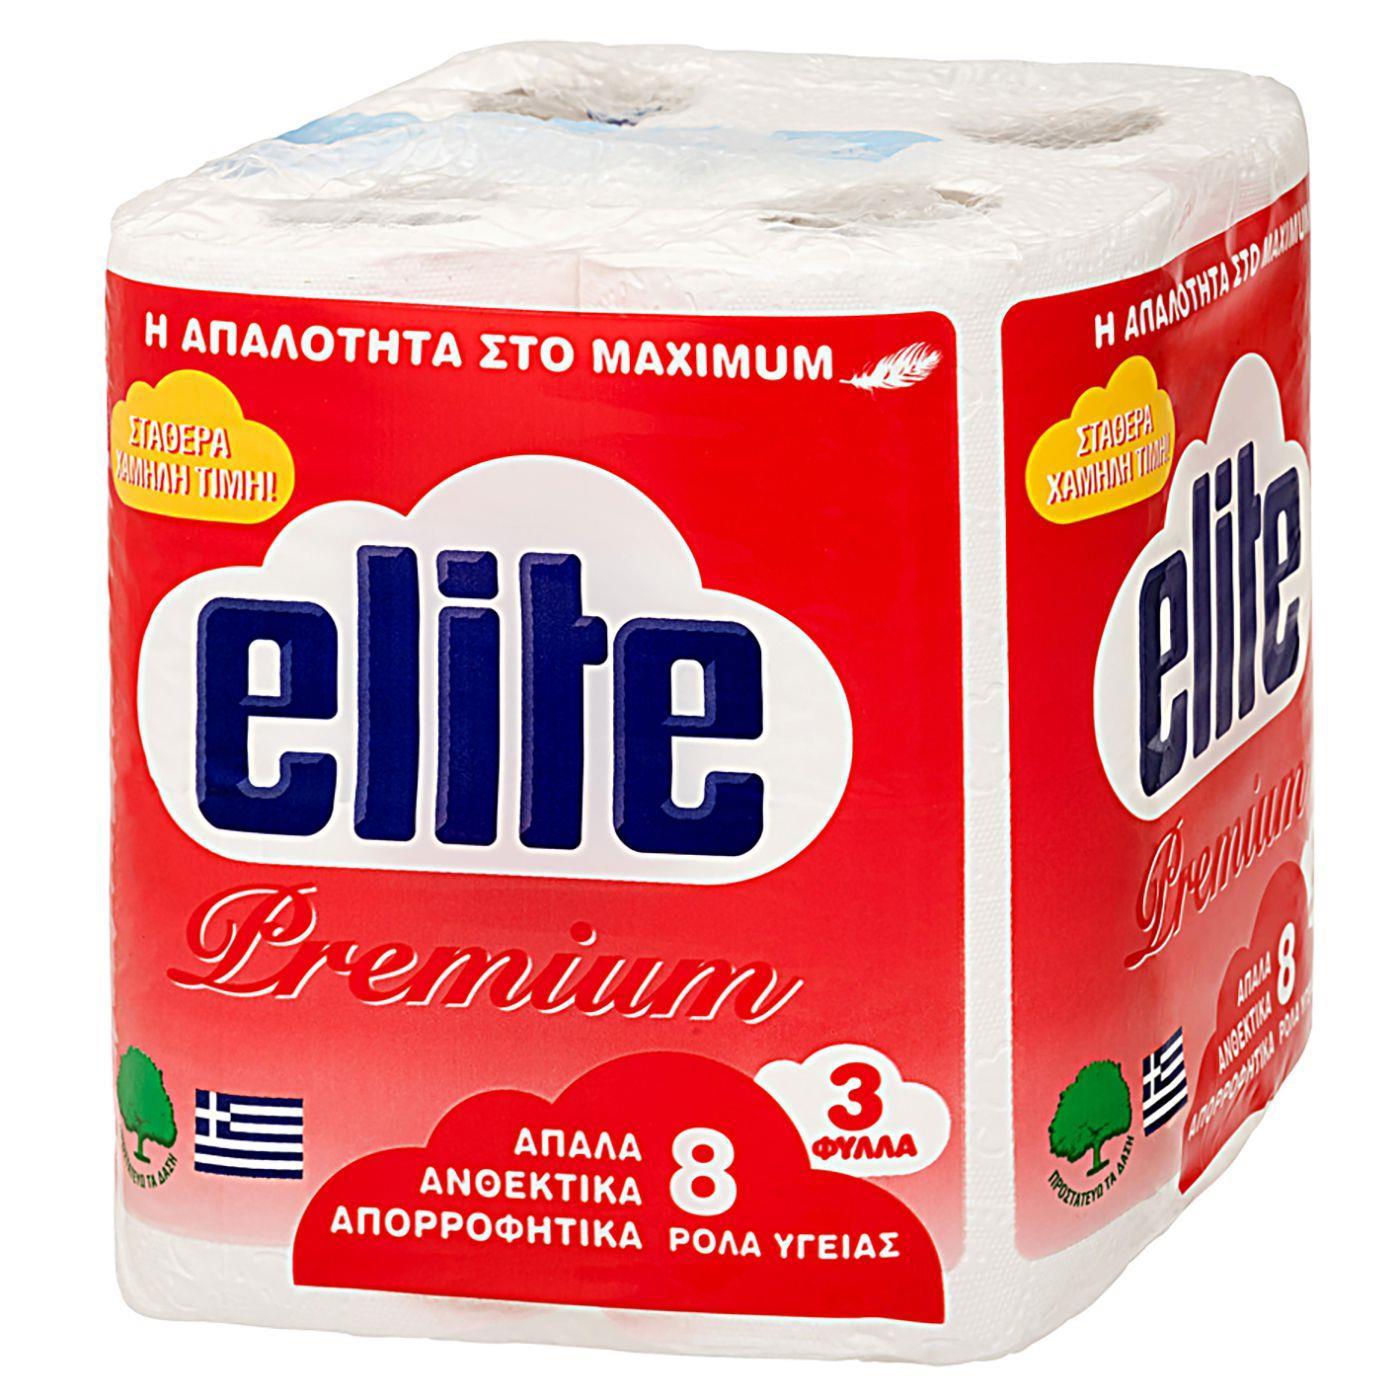 ΧΑΡΤΙ ΥΓΕΙΑΣ ELITE  ΠΑΚ=8 ΡΟΛΛΑ 75gr